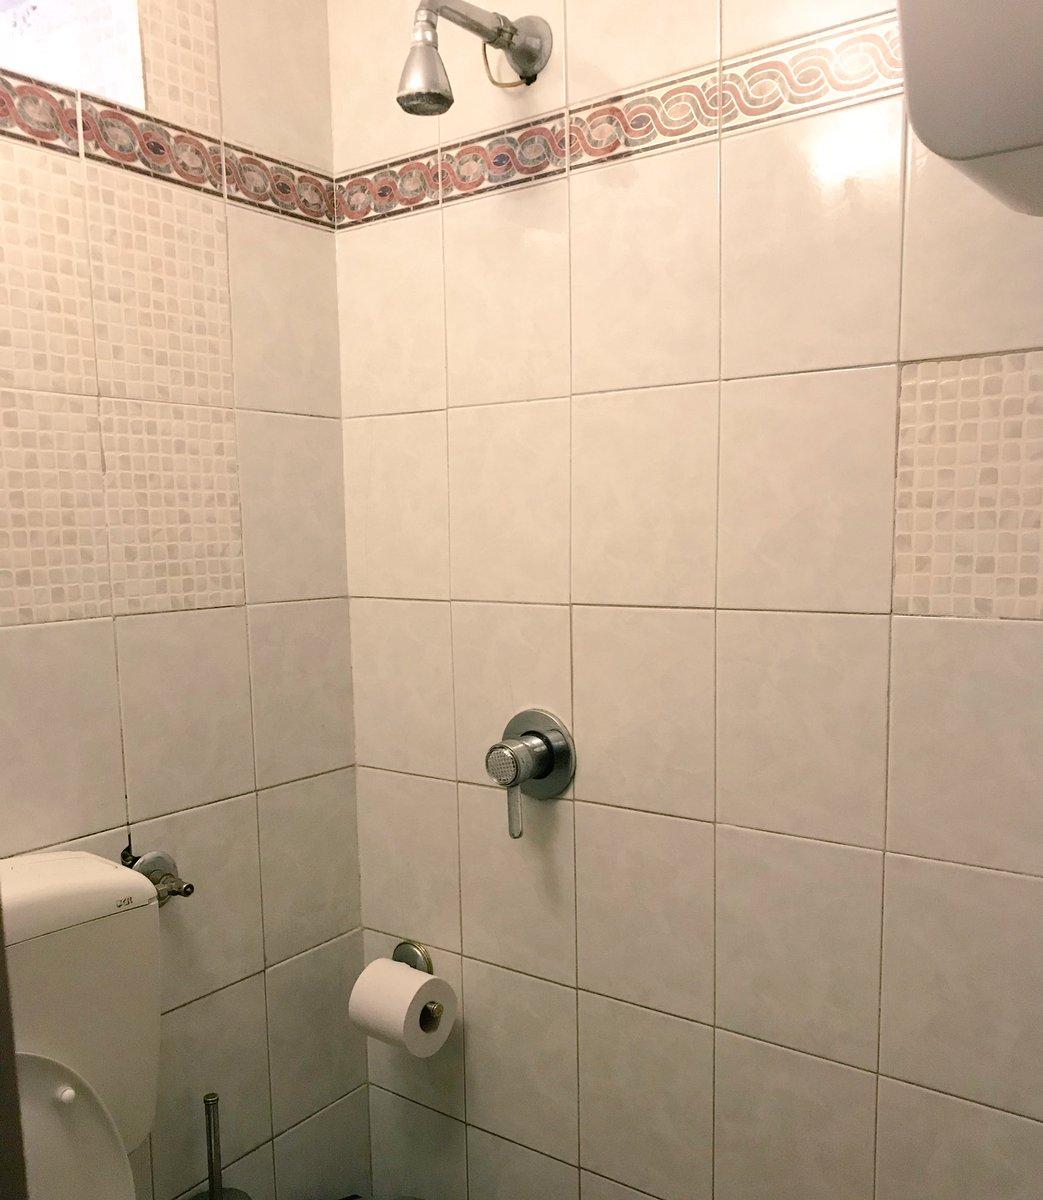 シチリアで母がお店のトイレからビショビショで出てきて、何事!?と思ったら、「流すレバーだと思ったらシャワーのレバーで騙された!」とのこと。これは…頭上のシャワーに気付けるかで生死が決まる恐ろしいトイレ構造